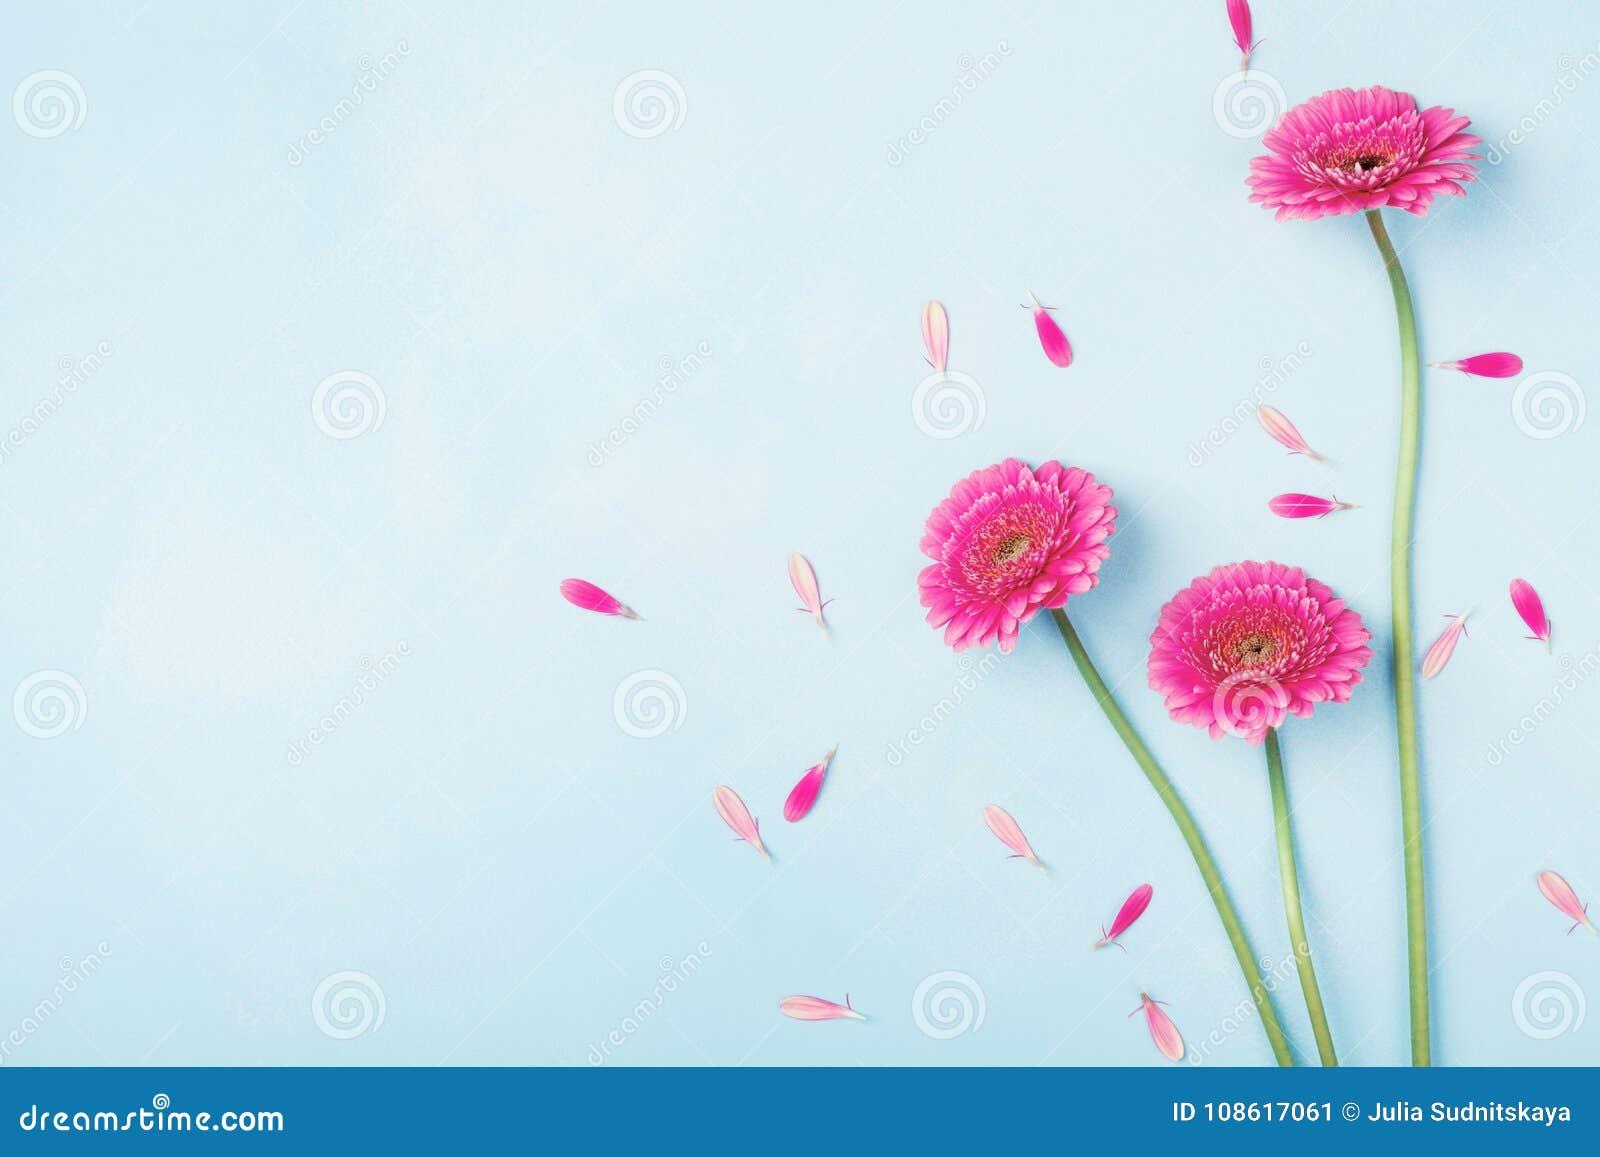 Den härliga vårrosa färgen blommar på blå pastellfärgad bästa sikt för tabell blom- kant lekmanna- stil för lägenhet